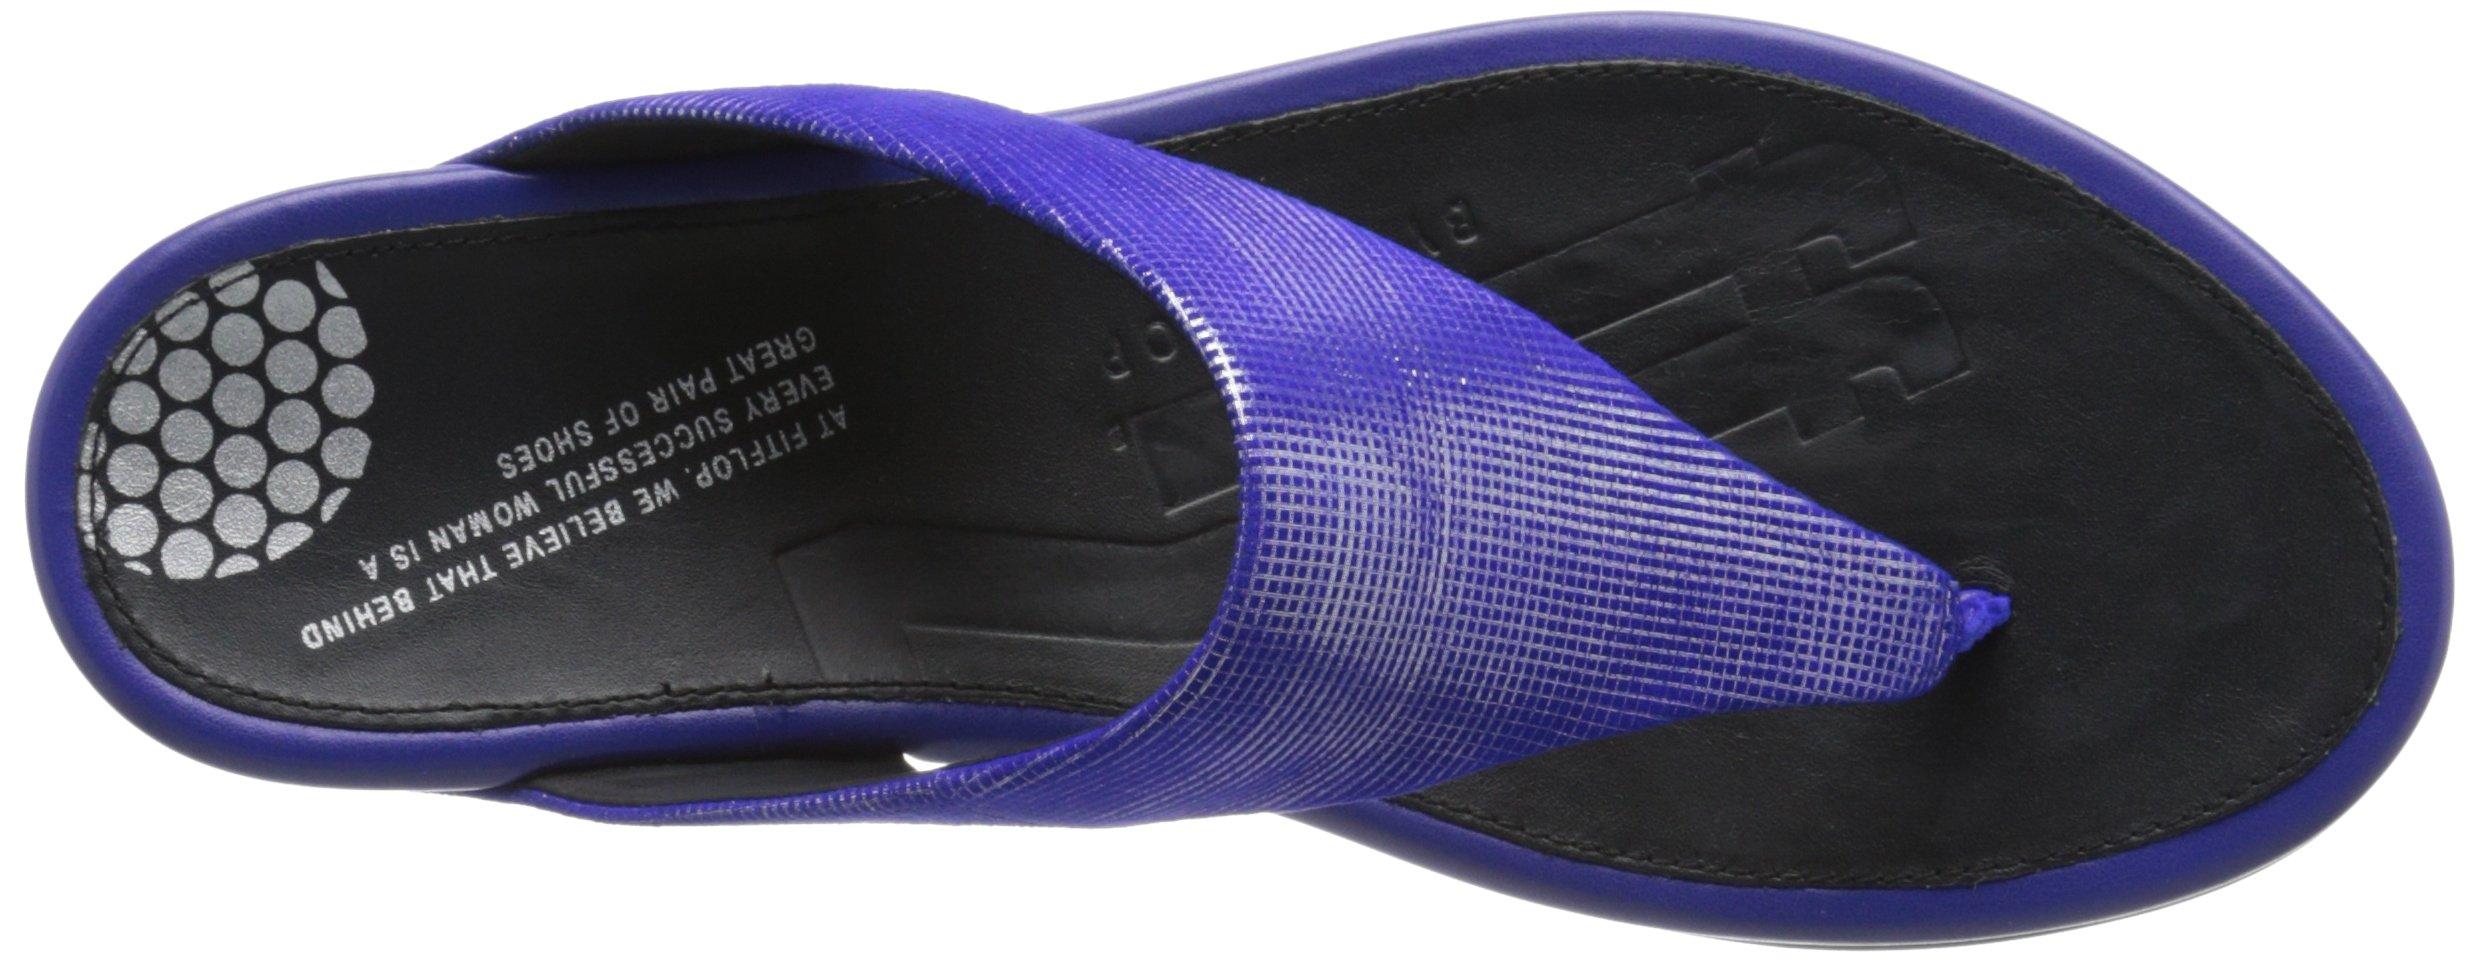 FitFlop Women's Banda Opul Flip Flop, Mazarin Blue, 7 M US by FitFlop (Image #8)